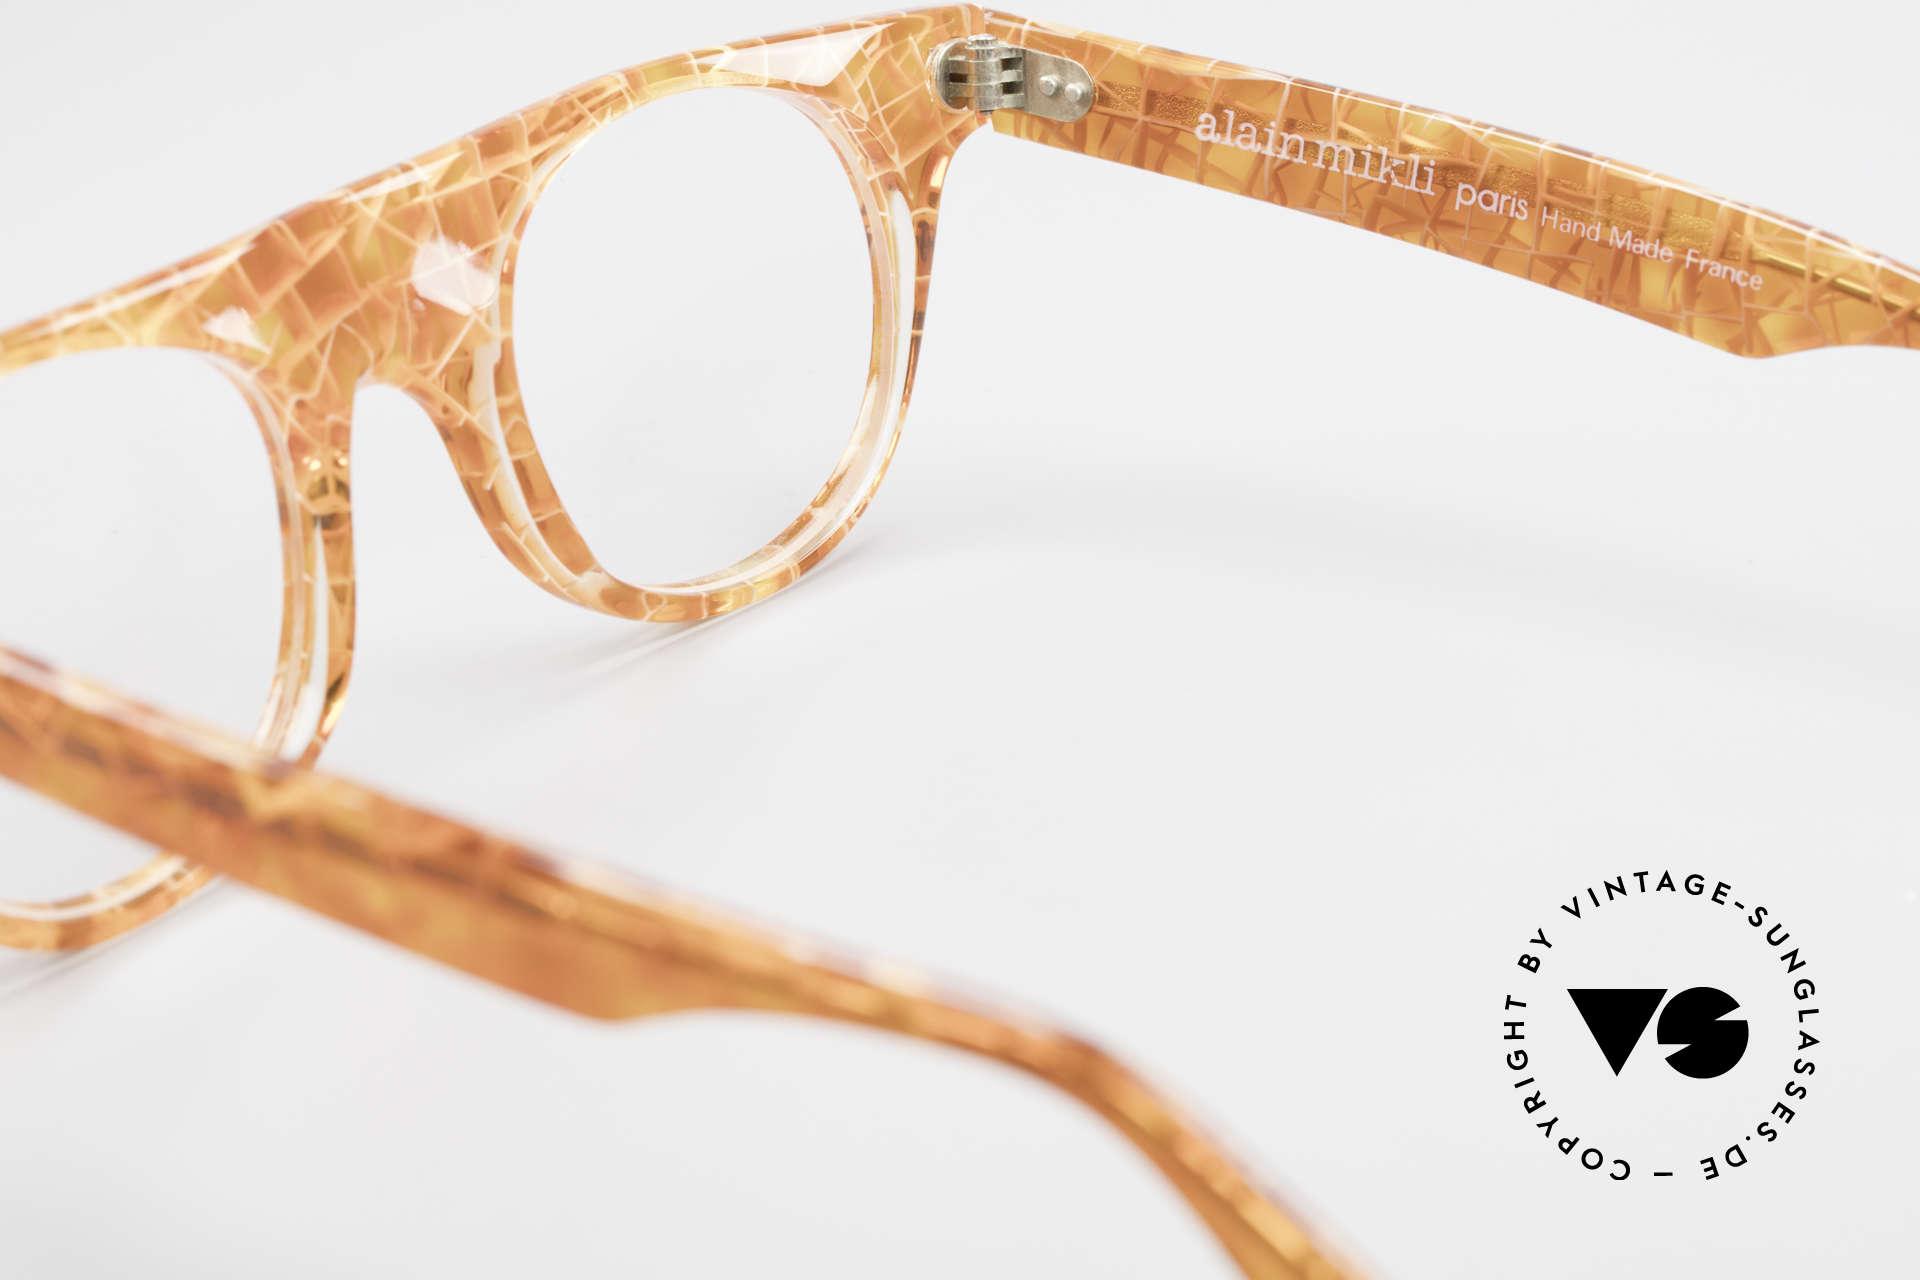 Alain Mikli 0127 / 166 80's Designer Eyeglass-Frame, the frame can be glazed with prescription (sun) lenses, Made for Women